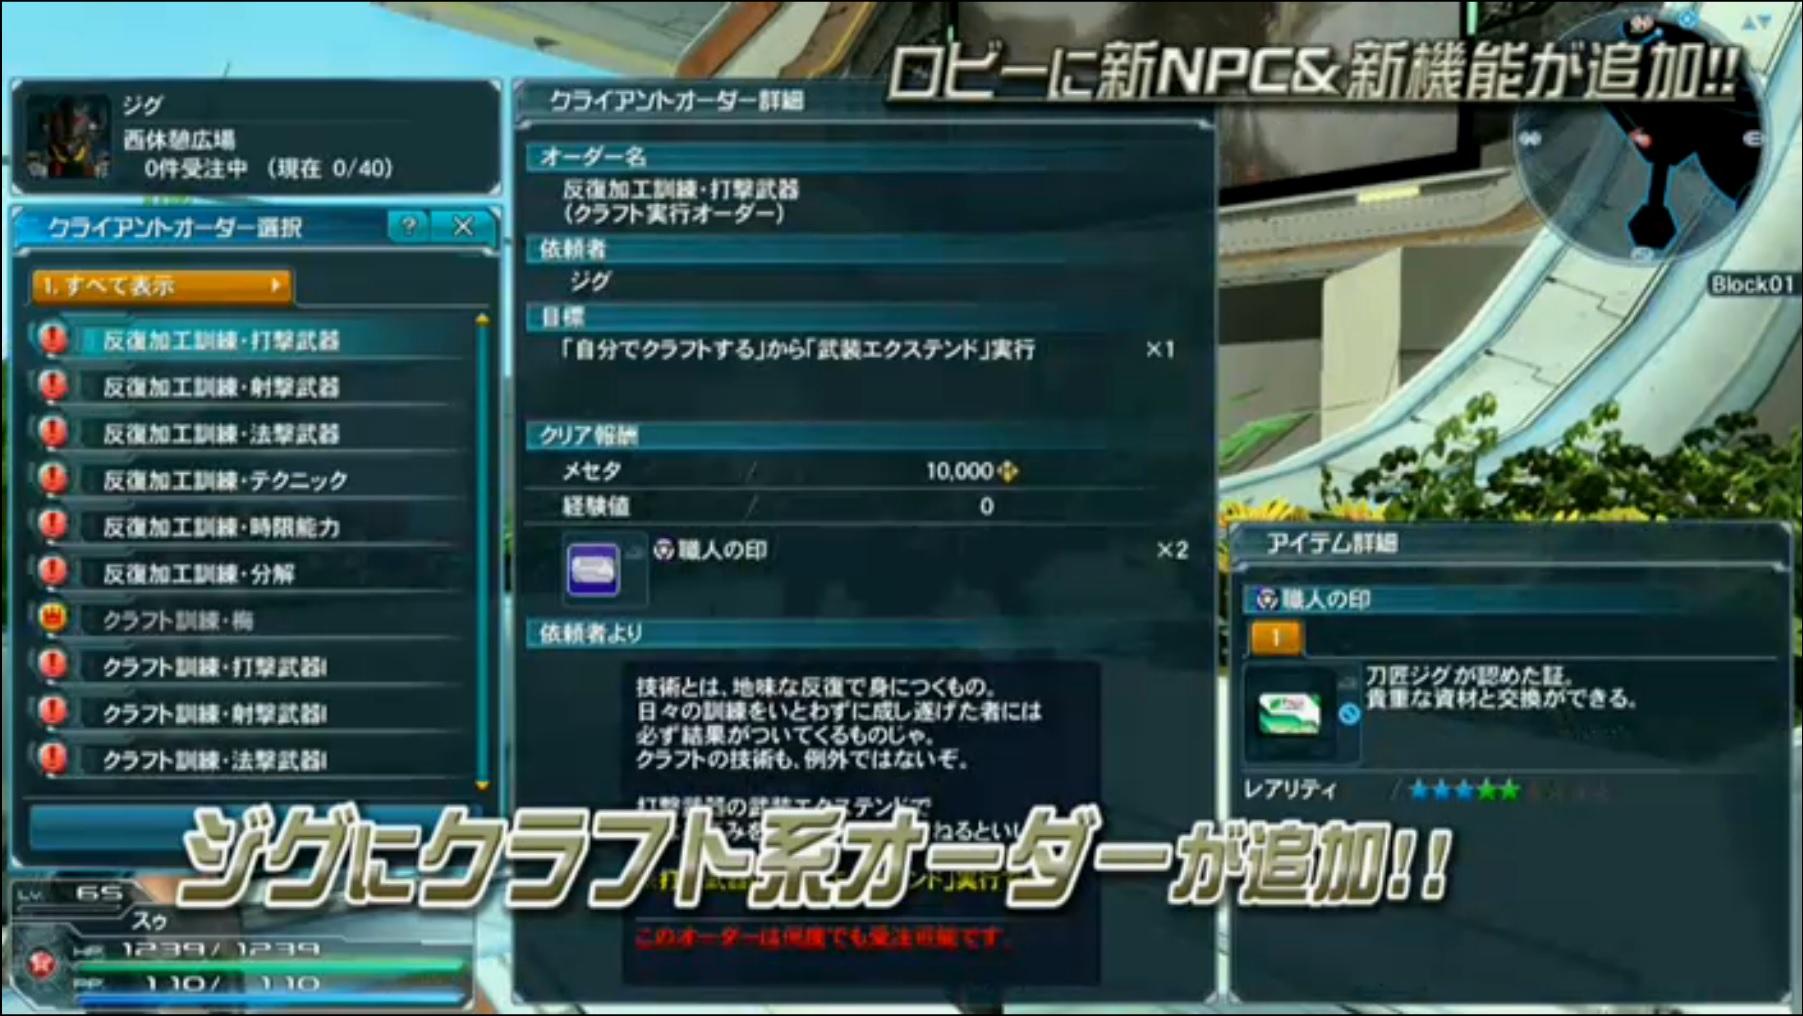 11月下旬アップデート新NPC追加&オーダー追加2